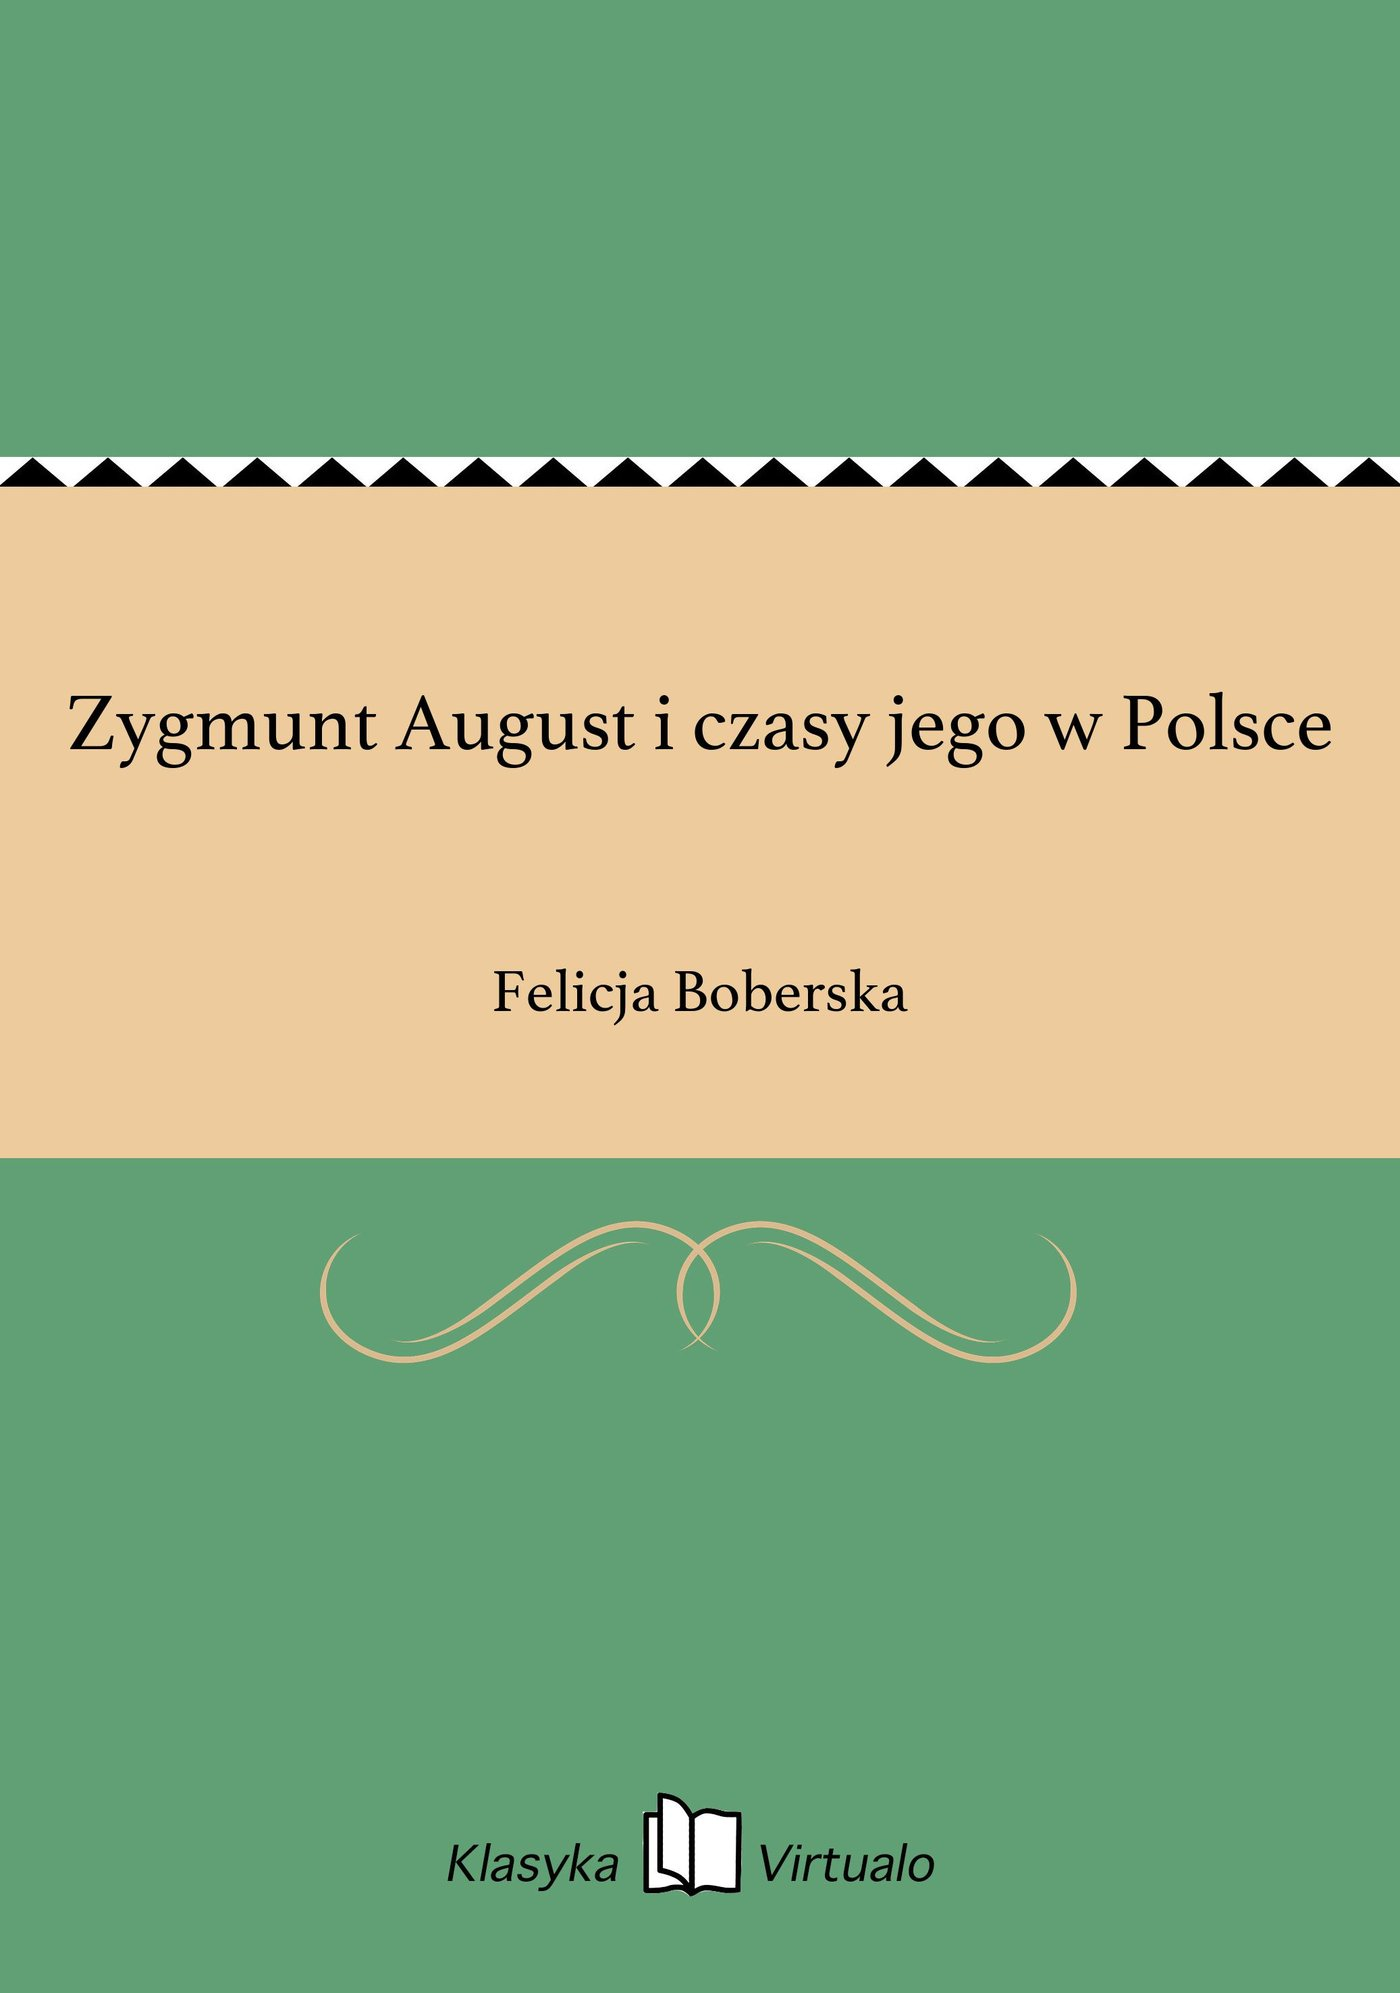 Zygmunt August i czasy jego w Polsce - Ebook (Książka EPUB) do pobrania w formacie EPUB